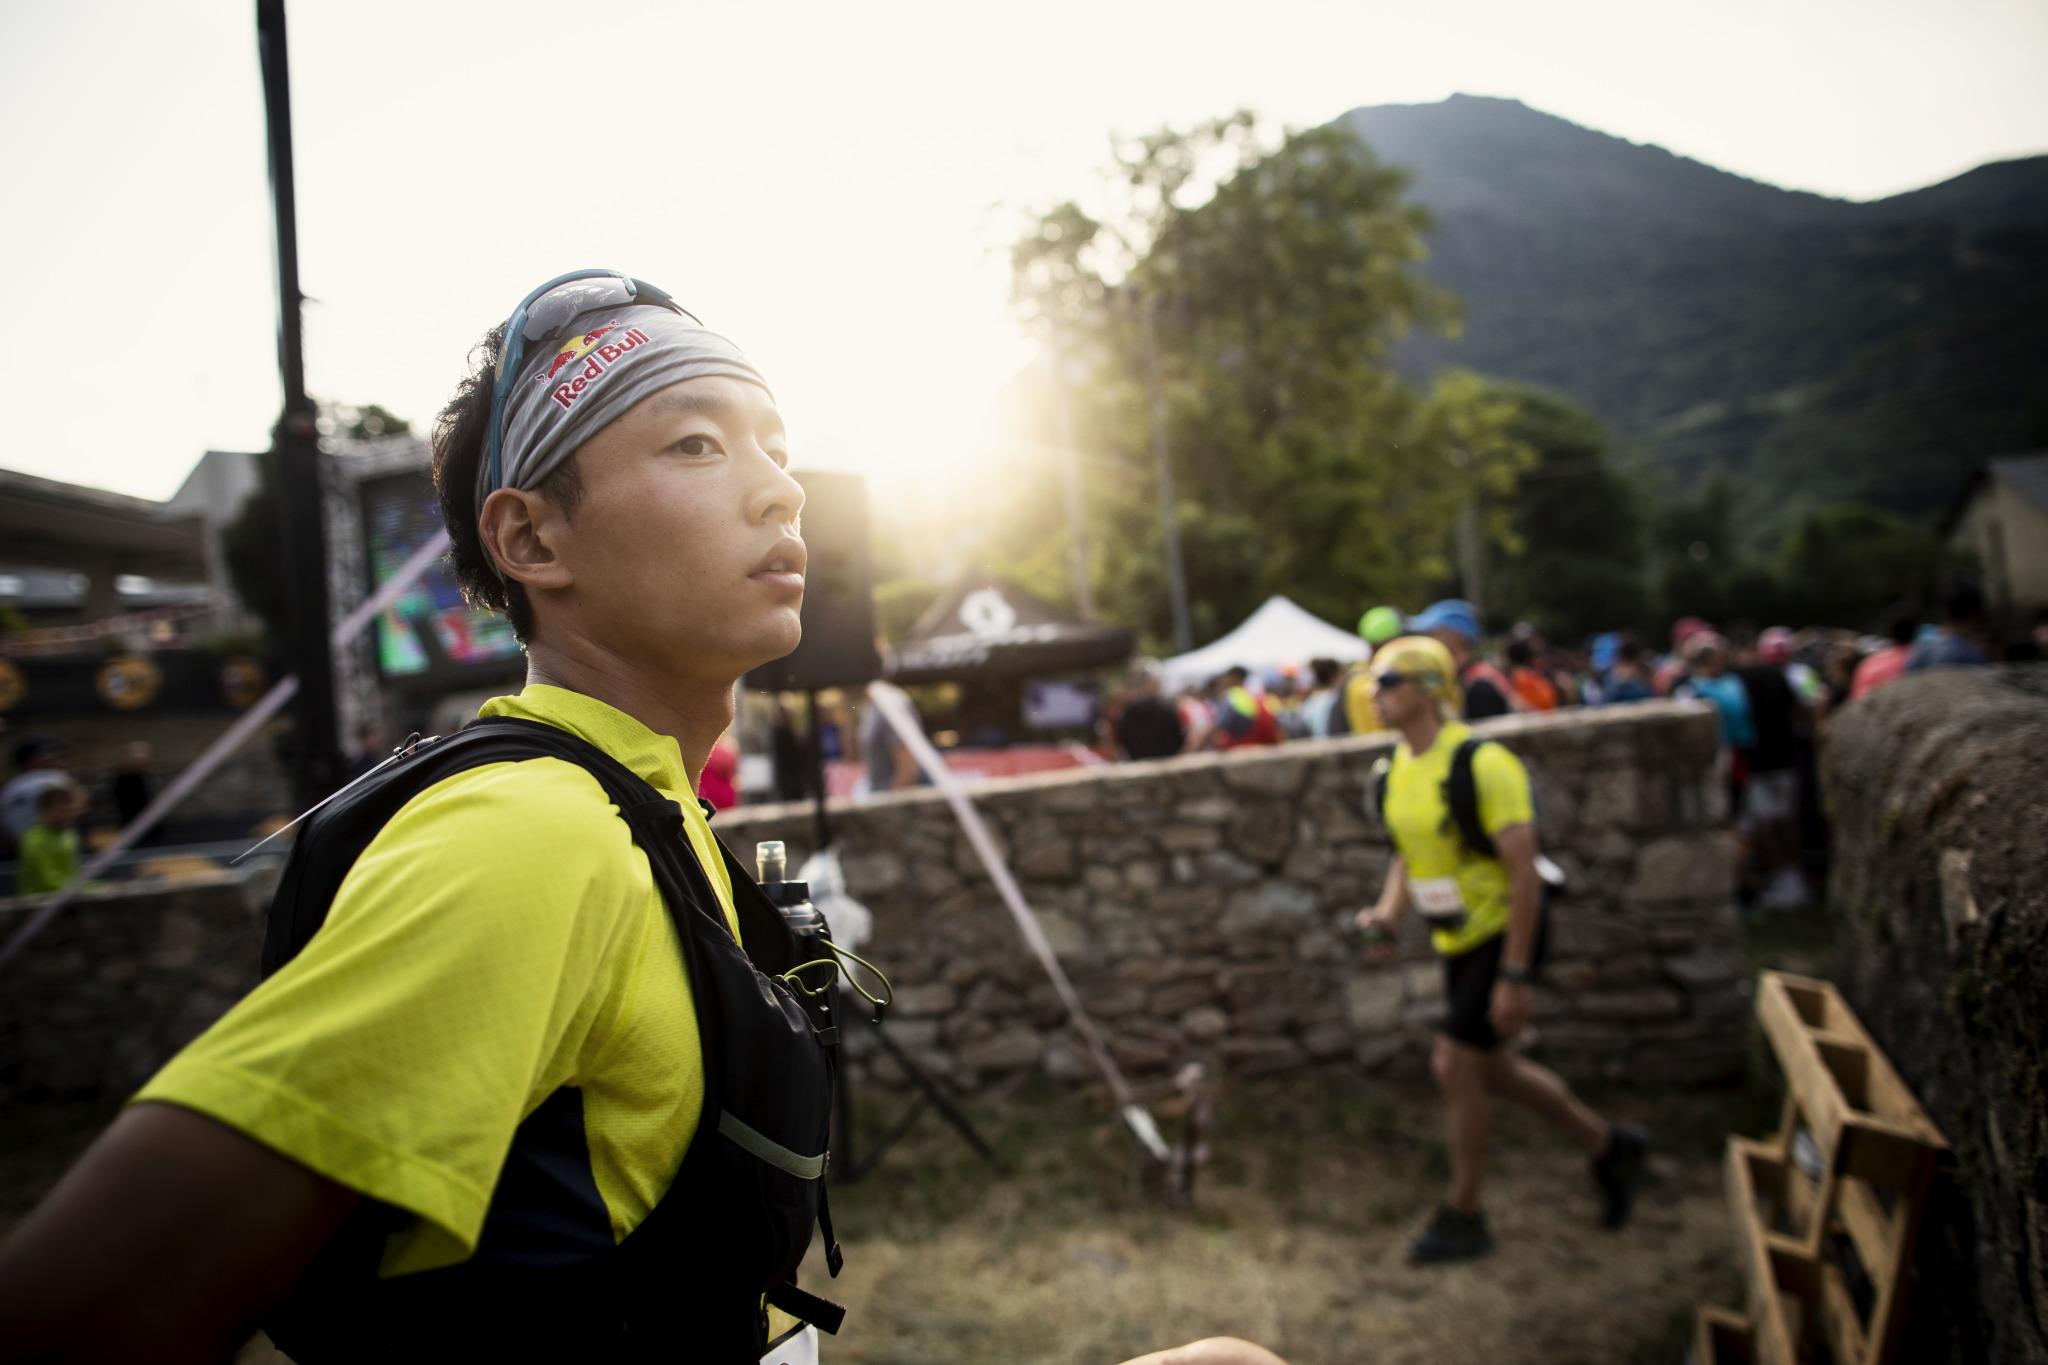 スタート前の表情 ©コロンビアスポーツウェアジャパン/Sho Fujimaki